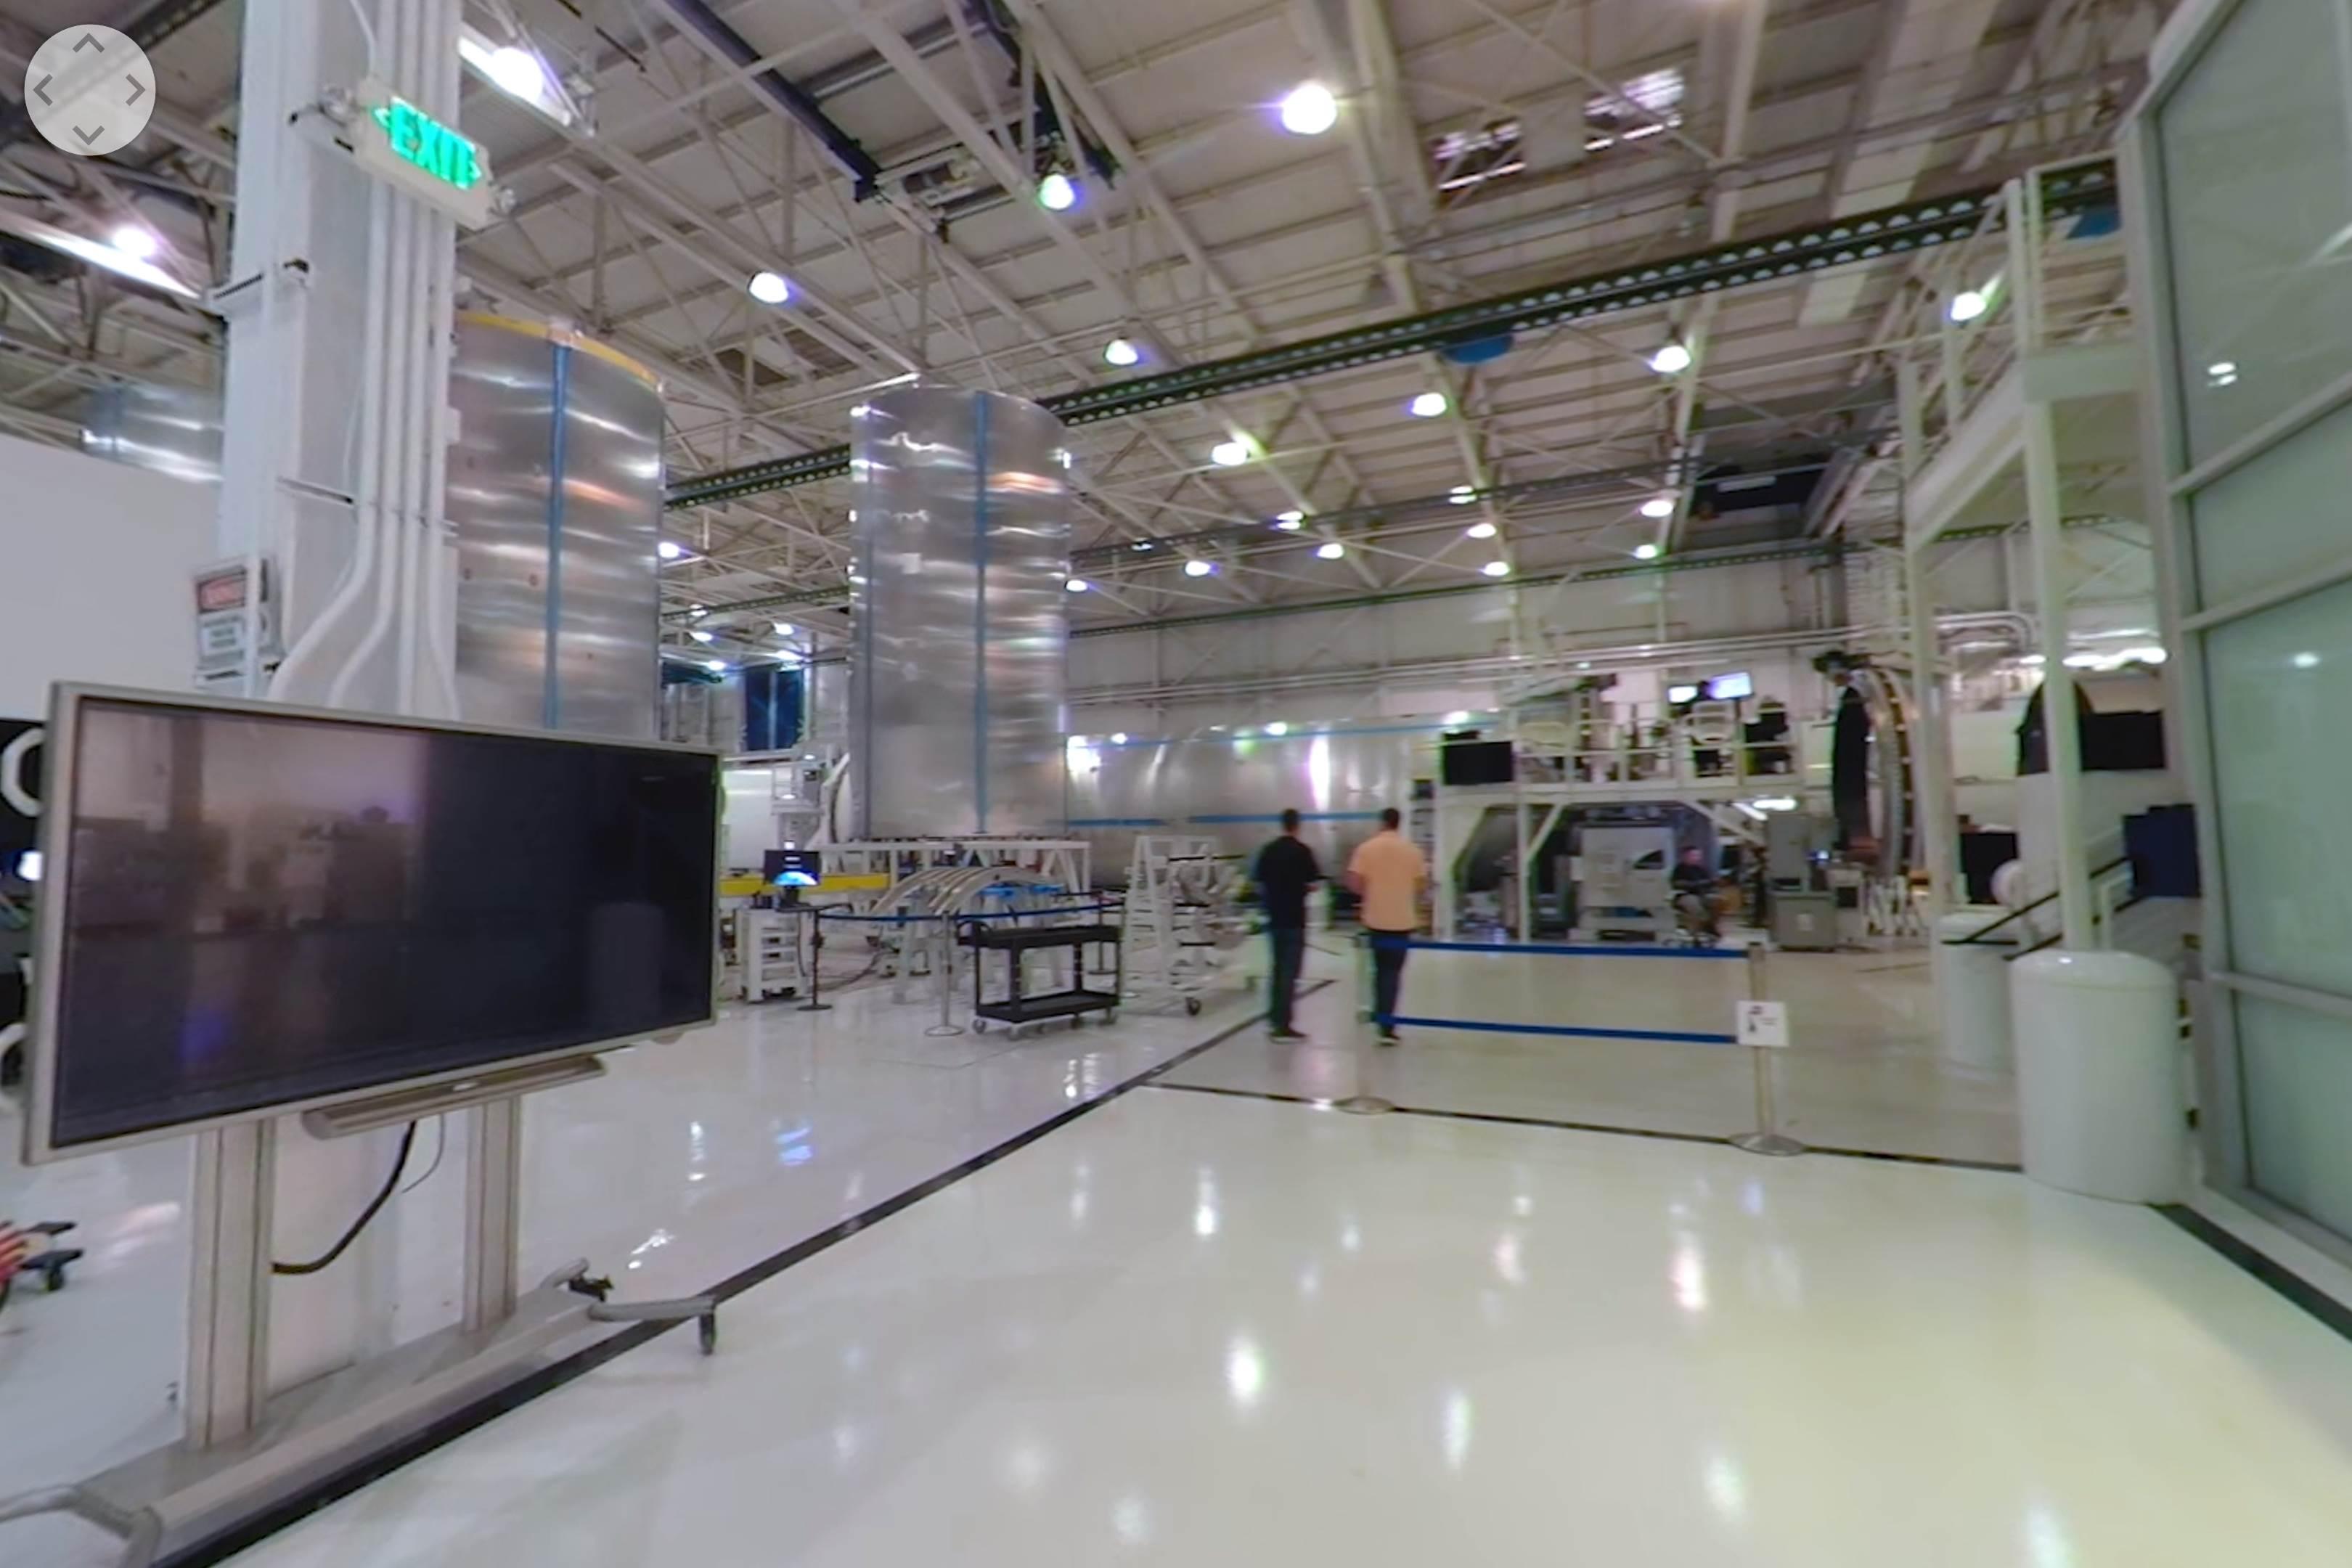 Hawthorne tour 2019 (NASA) Falcon 9 tank land 2